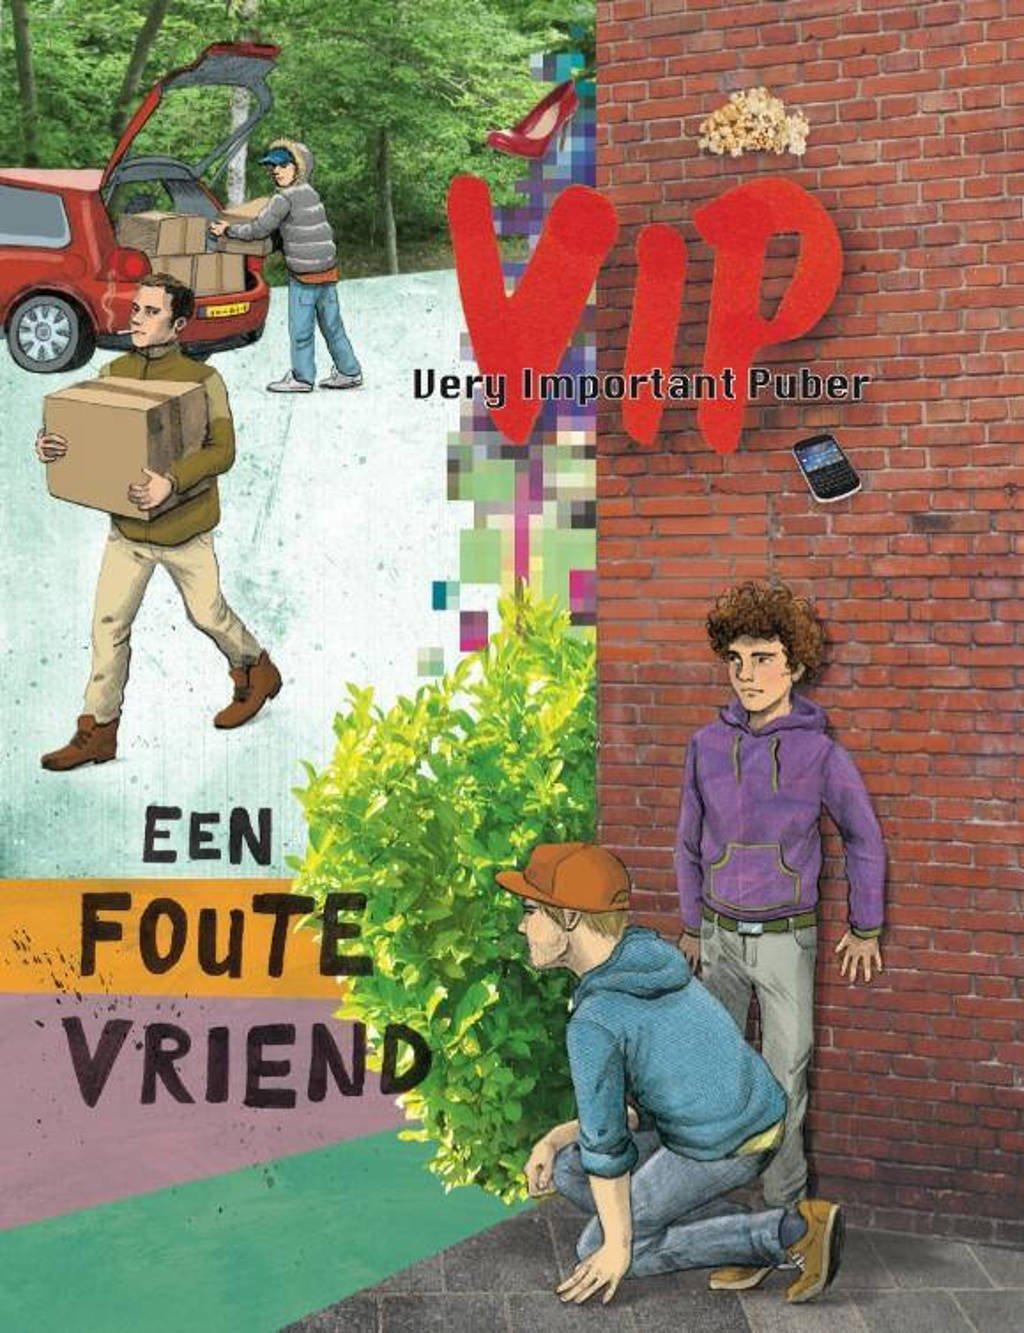 Very Important Puber: Een foute vriend - Merlien Welzijn